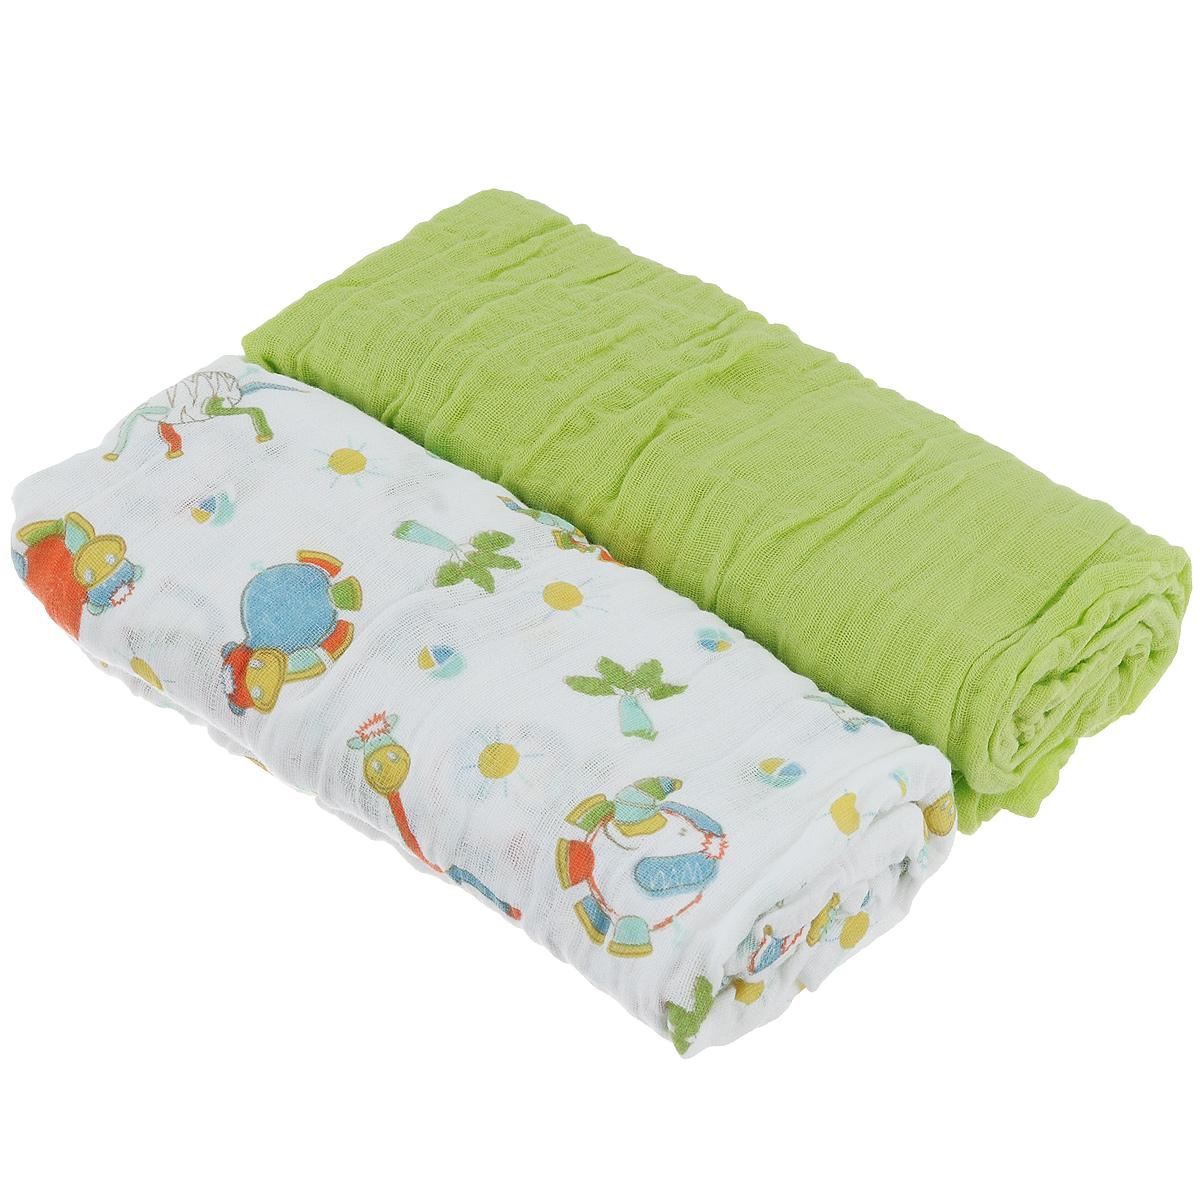 Пеленки Baby Nice муслиновые, цвет: светло-зеленый, 115 см х 115 см, 2 штL115Комплект Baby Nice состоит из двух нежных двухслойных муслиновых пеленок. Одна пеленка - однотонная, другая - с приятным красочным принтом. Изделия изготовлены из натурального 100% хлопка. Пеленка - это простая, удобная, привычная и доступная одежда для новорожденного. Пеленки легкие и воздушные и хорошо вентилируются. Благодаря особой технологии переплетения нитей и специальной отделки пряжи, муслиновые пеленки приобрели улучшенную мягкость и гигроскопичность. Легкие и дышащие, эластичные и практичные, такие пеленки хорошо пропускают воздух, впитывают влагу и прекрасно отдают тепло. Они создадут вашему малышу ощущение свежести и комфорта. Пеленки из хлопкового муслина неприхотливы в использовании и в уходе, они не деформируются. Новорожденному малышу для стимулирования развития необходимо постоянно испытывать тактильные ощущения, ощущать прикосновения к коже. Малыш попадает в огромное для него свободное пространство, которое намного больше...